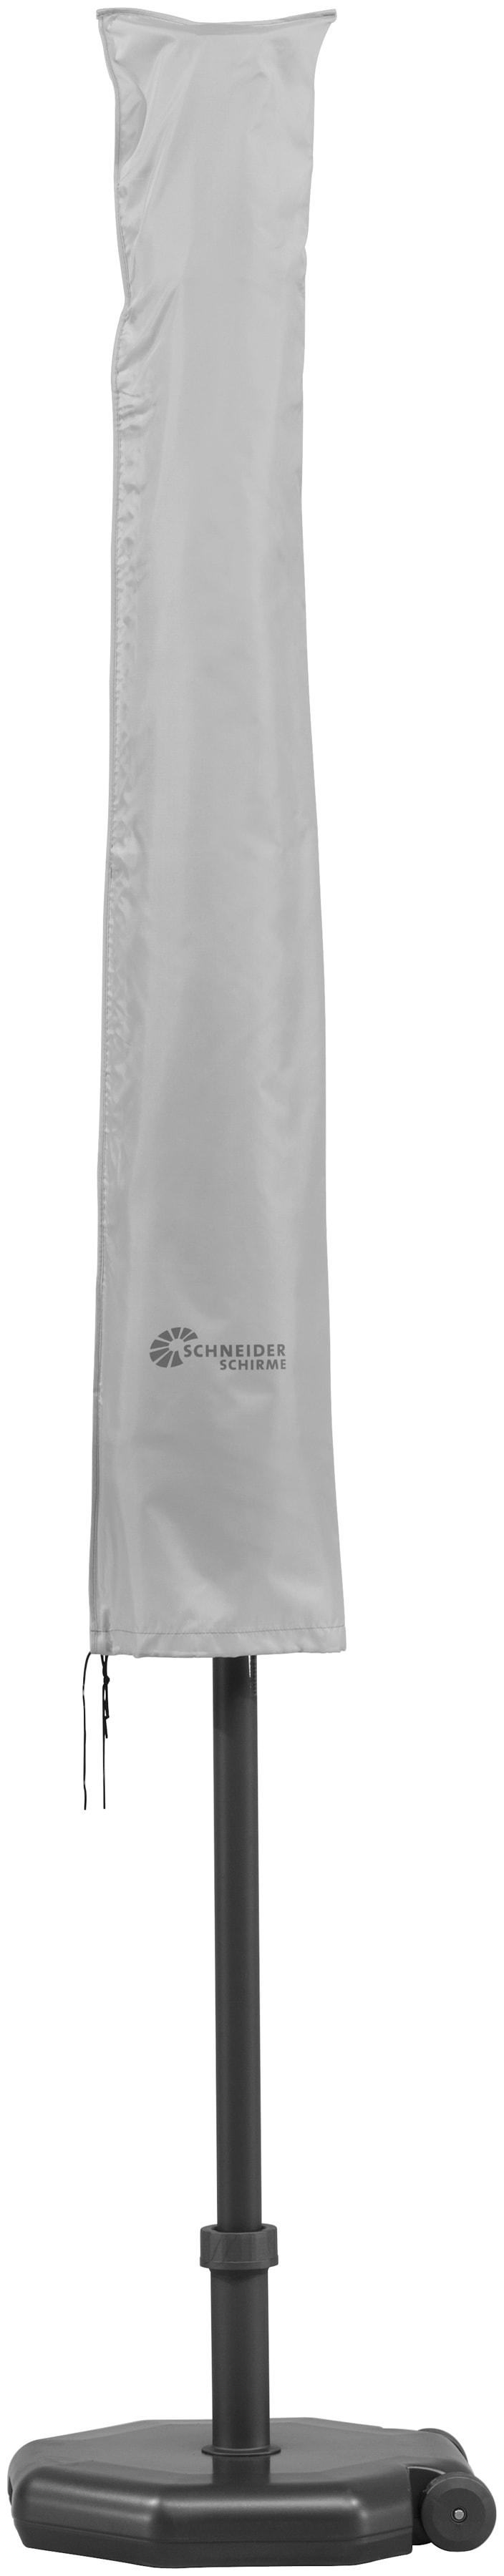 Schneider Schirme Schutzplane 833-00, für bis Ø 400 cm grau Sonnenschirme -segel Gartenmöbel Gartendeko